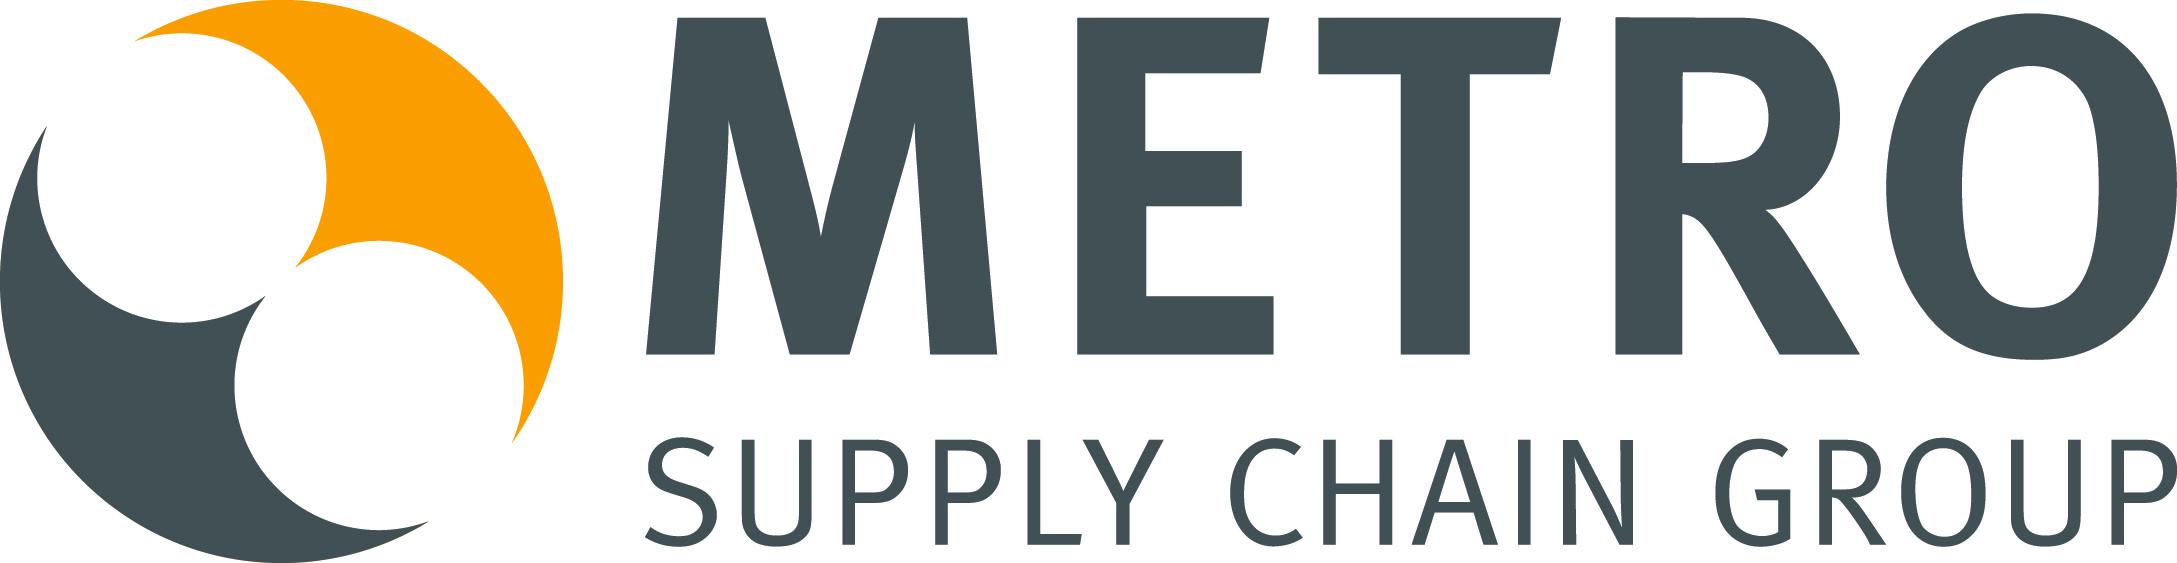 Logo_MetroSCG_CMYK.jpg